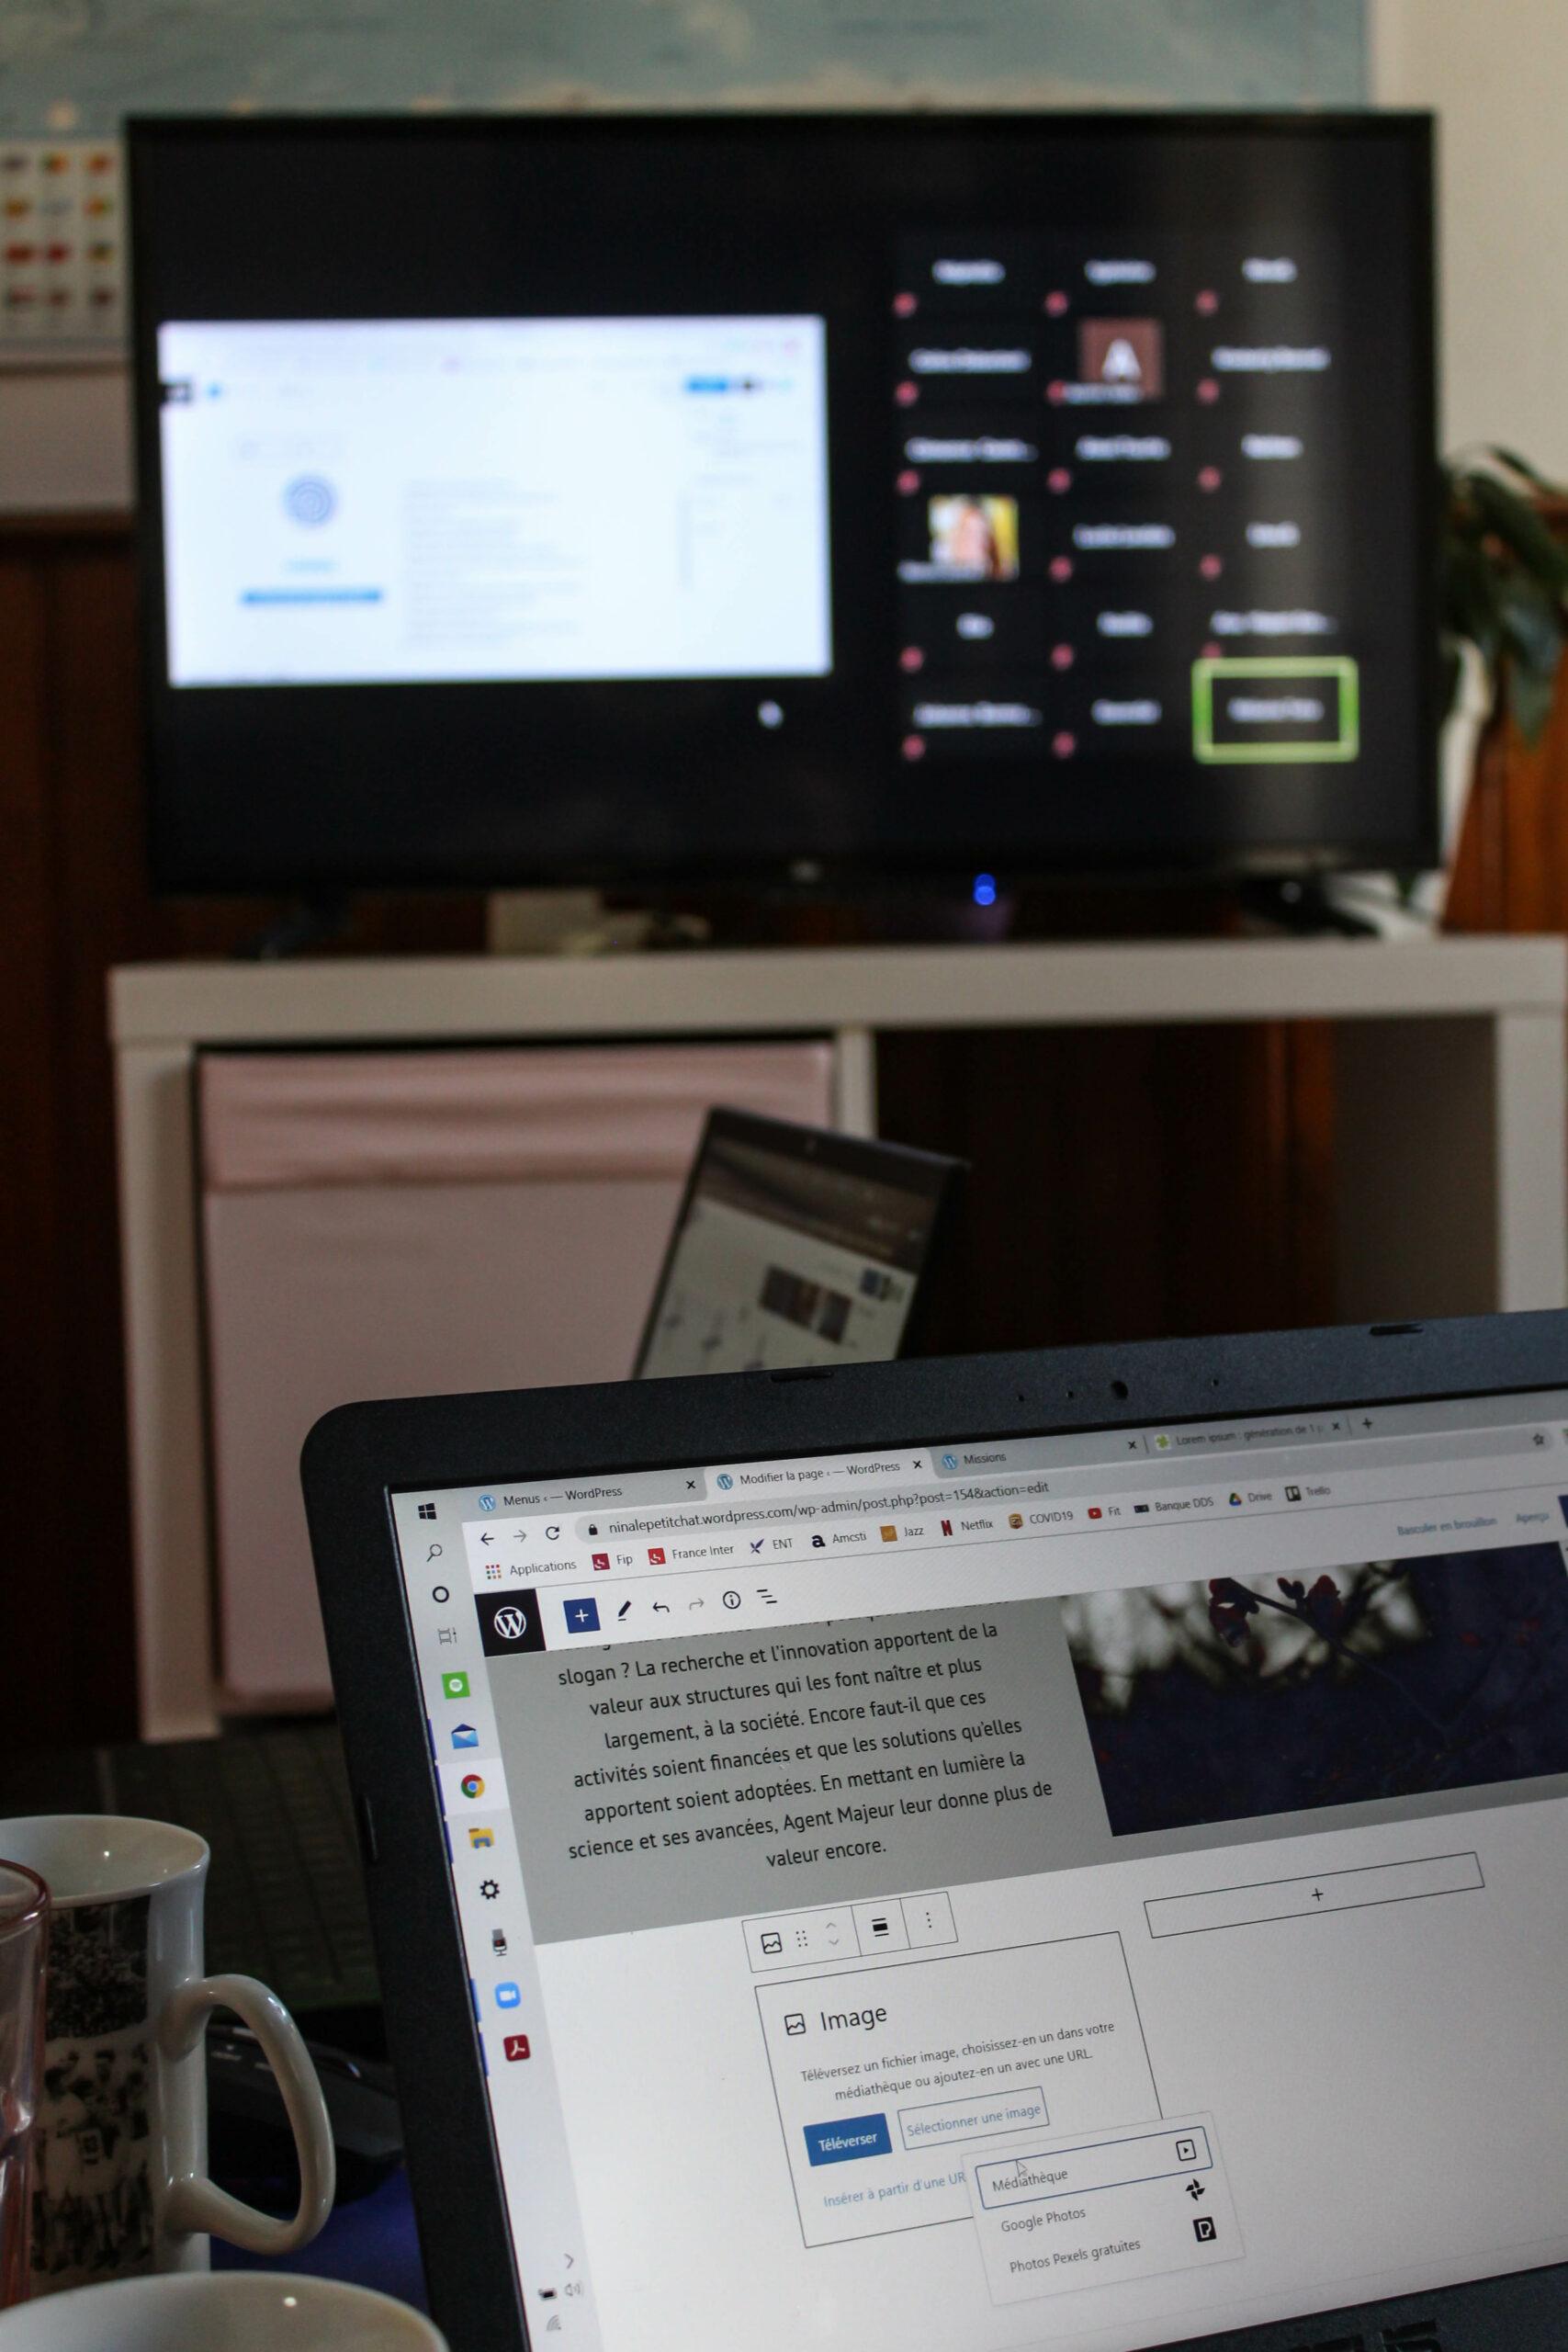 Cours de Wordpress sur l'ordinateur et réunion zoom sur la télévision.